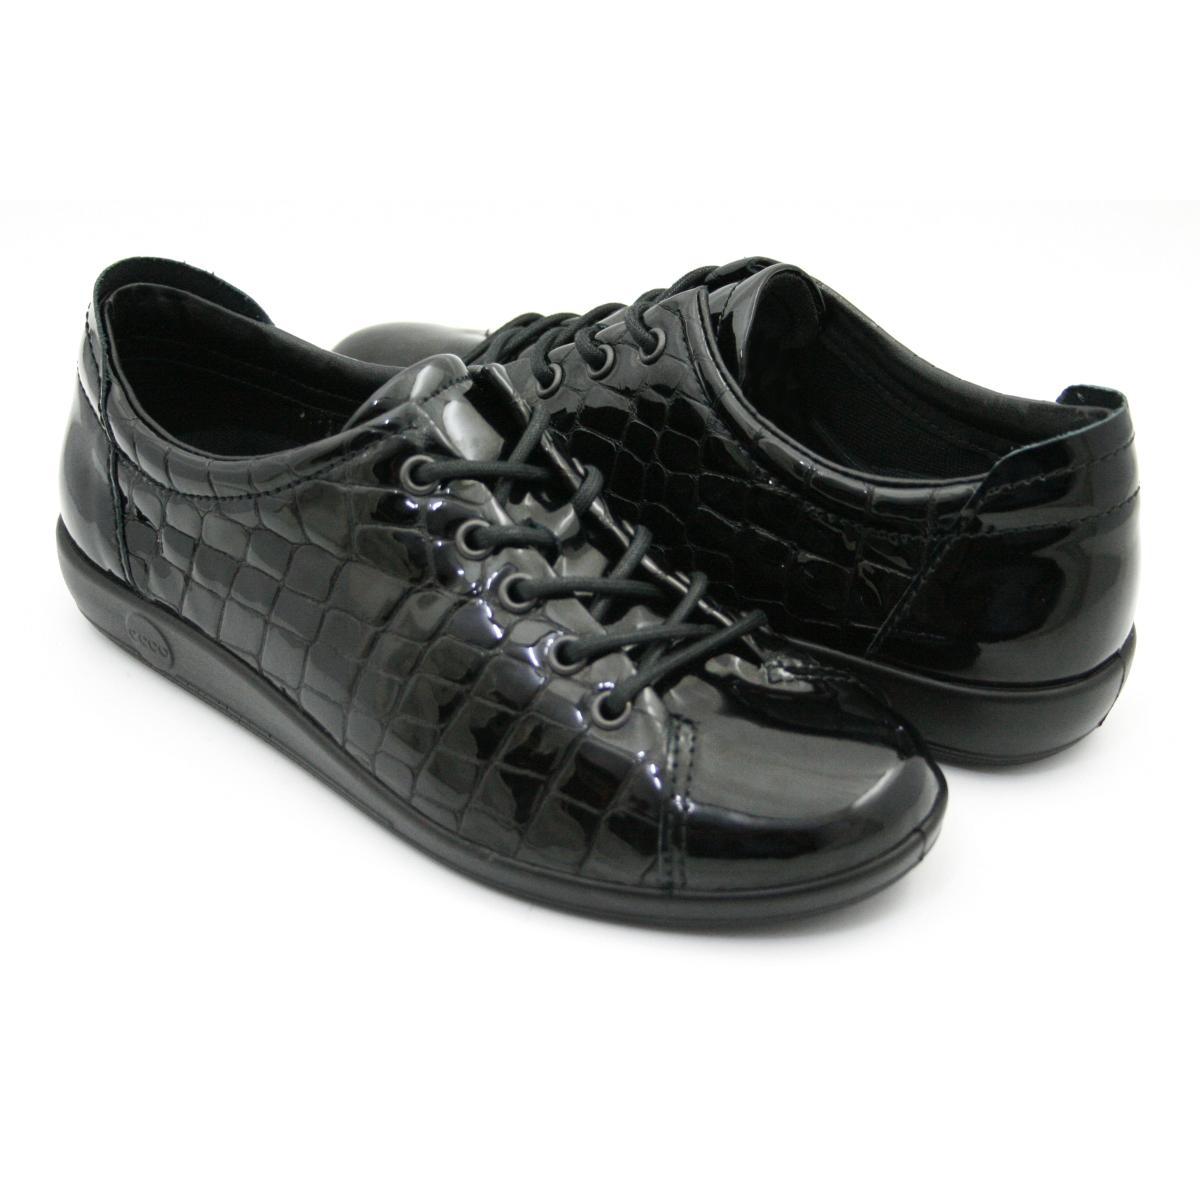 Scarpa Lacci Soft 2.0 Black...